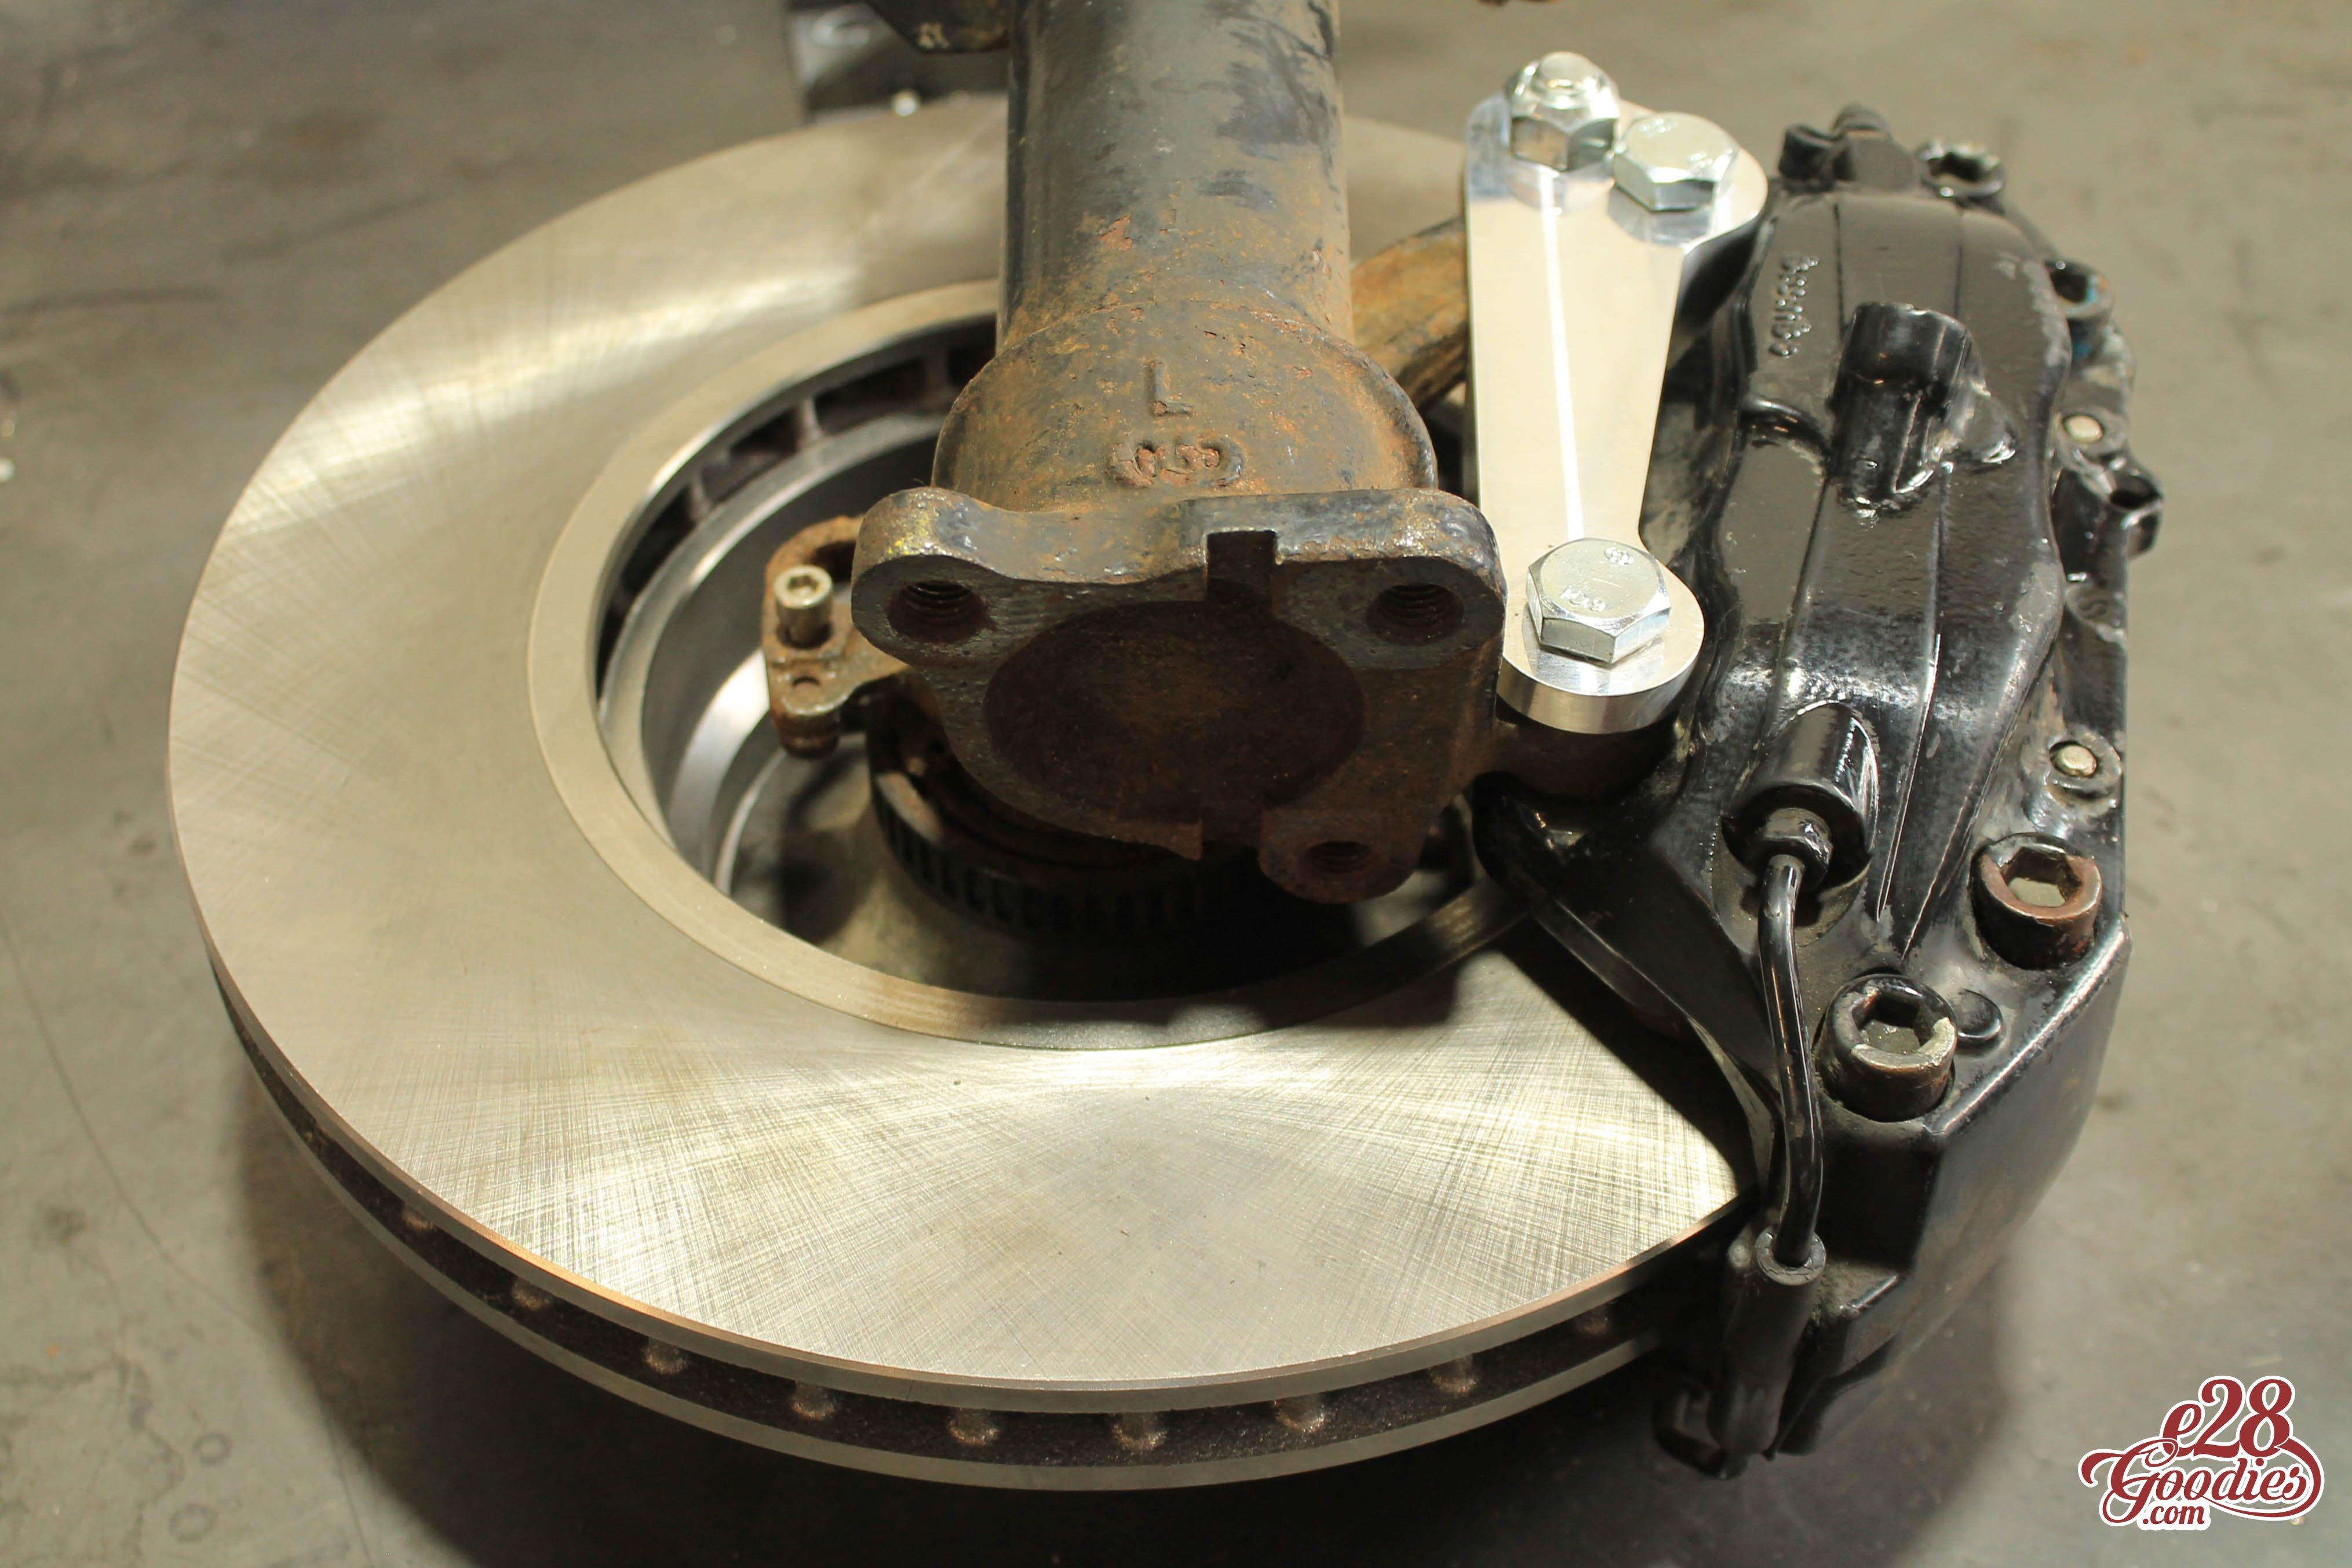 e38 Four pot brembo caliper adapters for your e28/e34